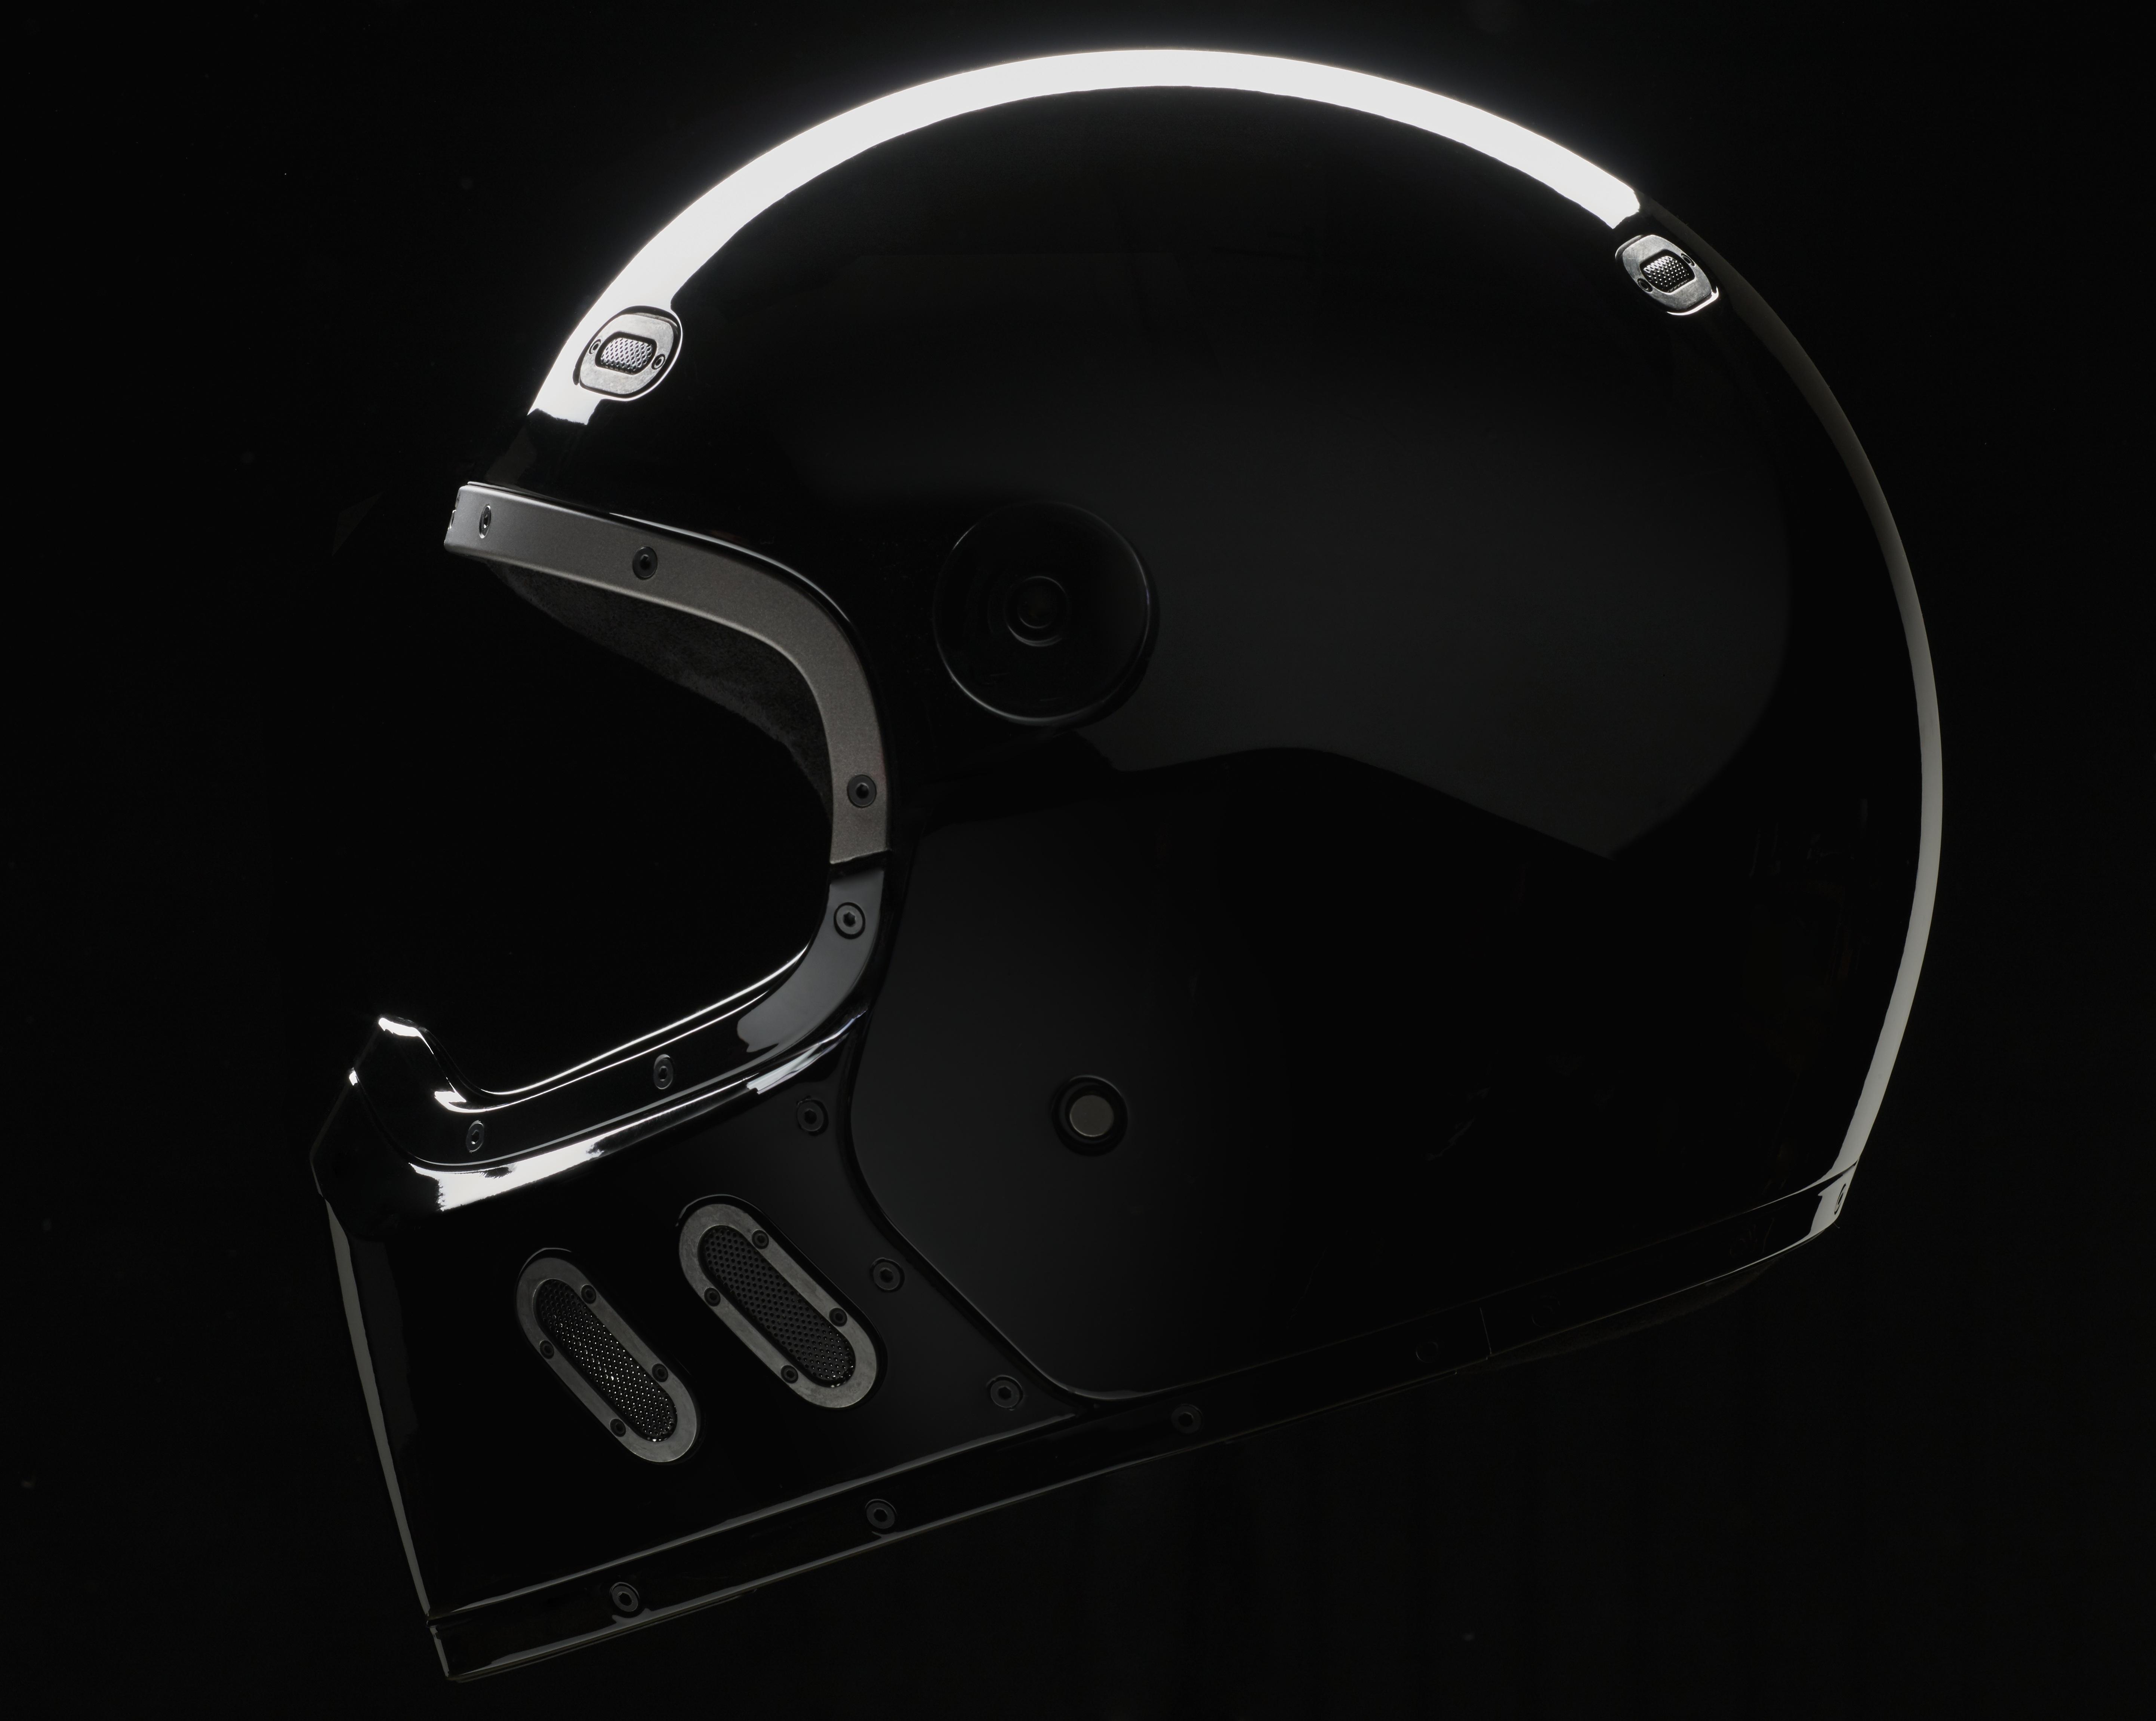 salon de milan 2017 en direct qwart helmets. Black Bedroom Furniture Sets. Home Design Ideas